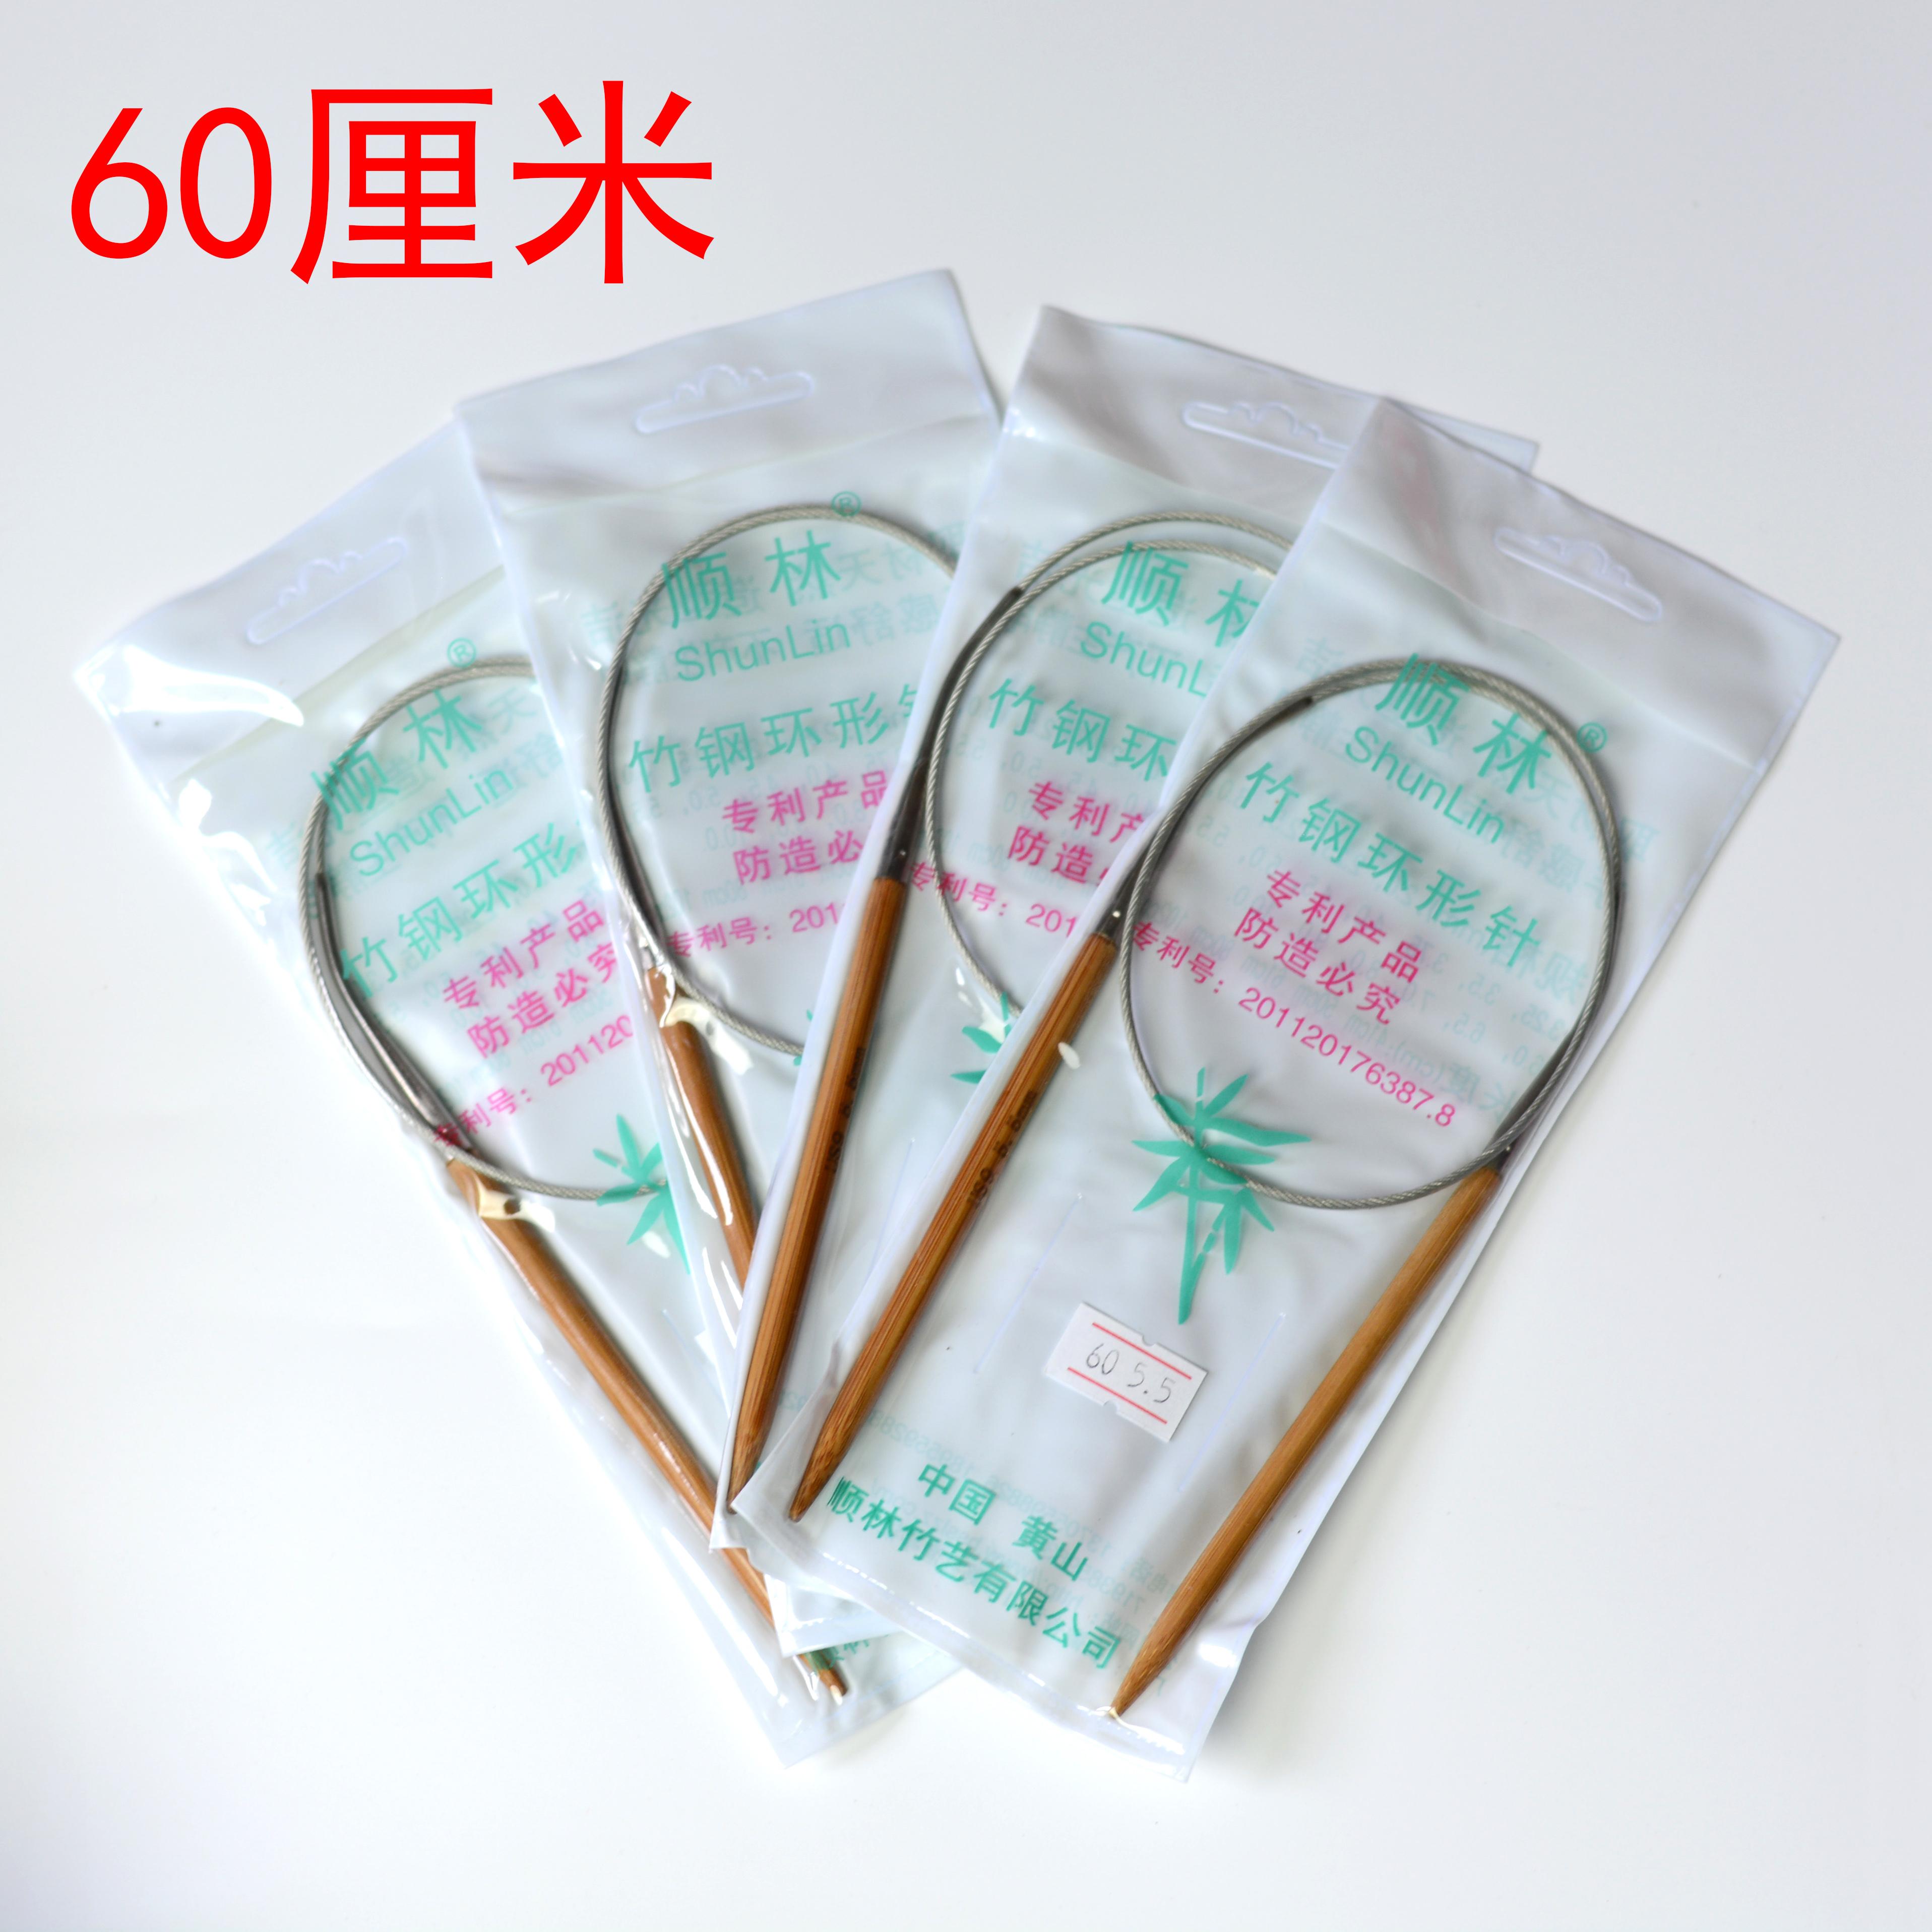 60顺林竹炭环钢  环形针  顺林竹针60厘米 毛衣针 钢丝